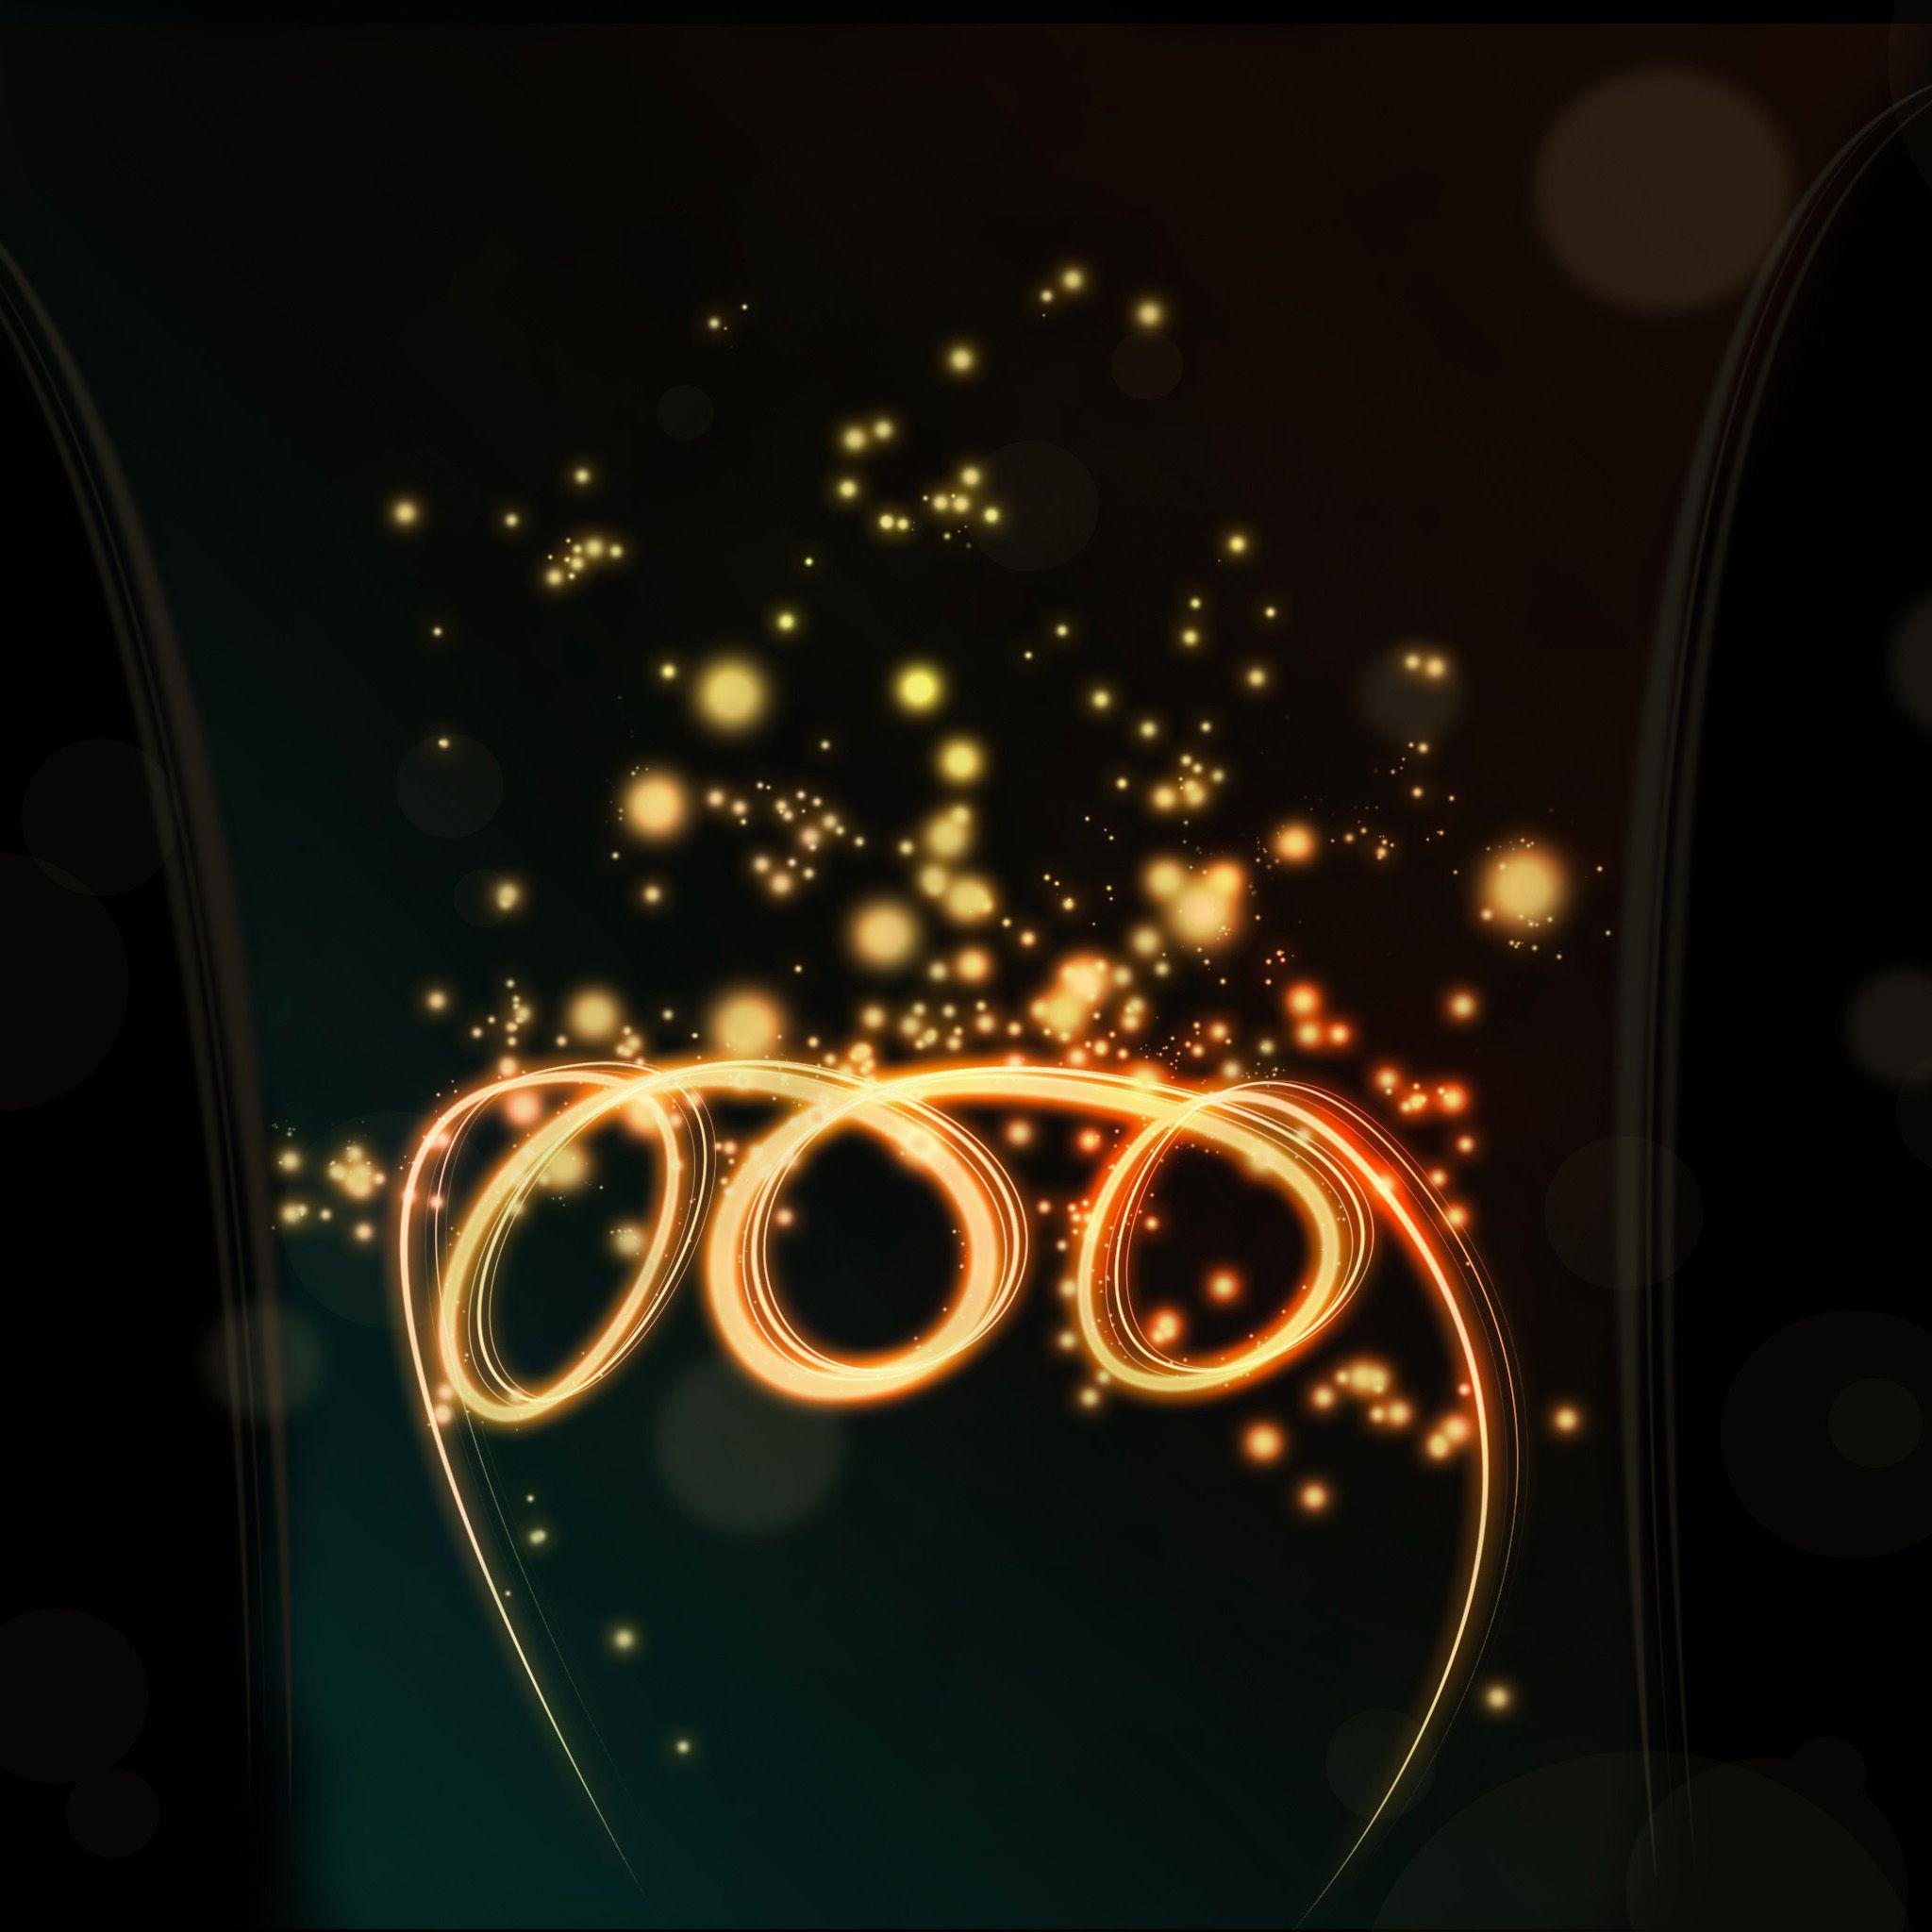 Light-3Wallpapers-iPad-Retina